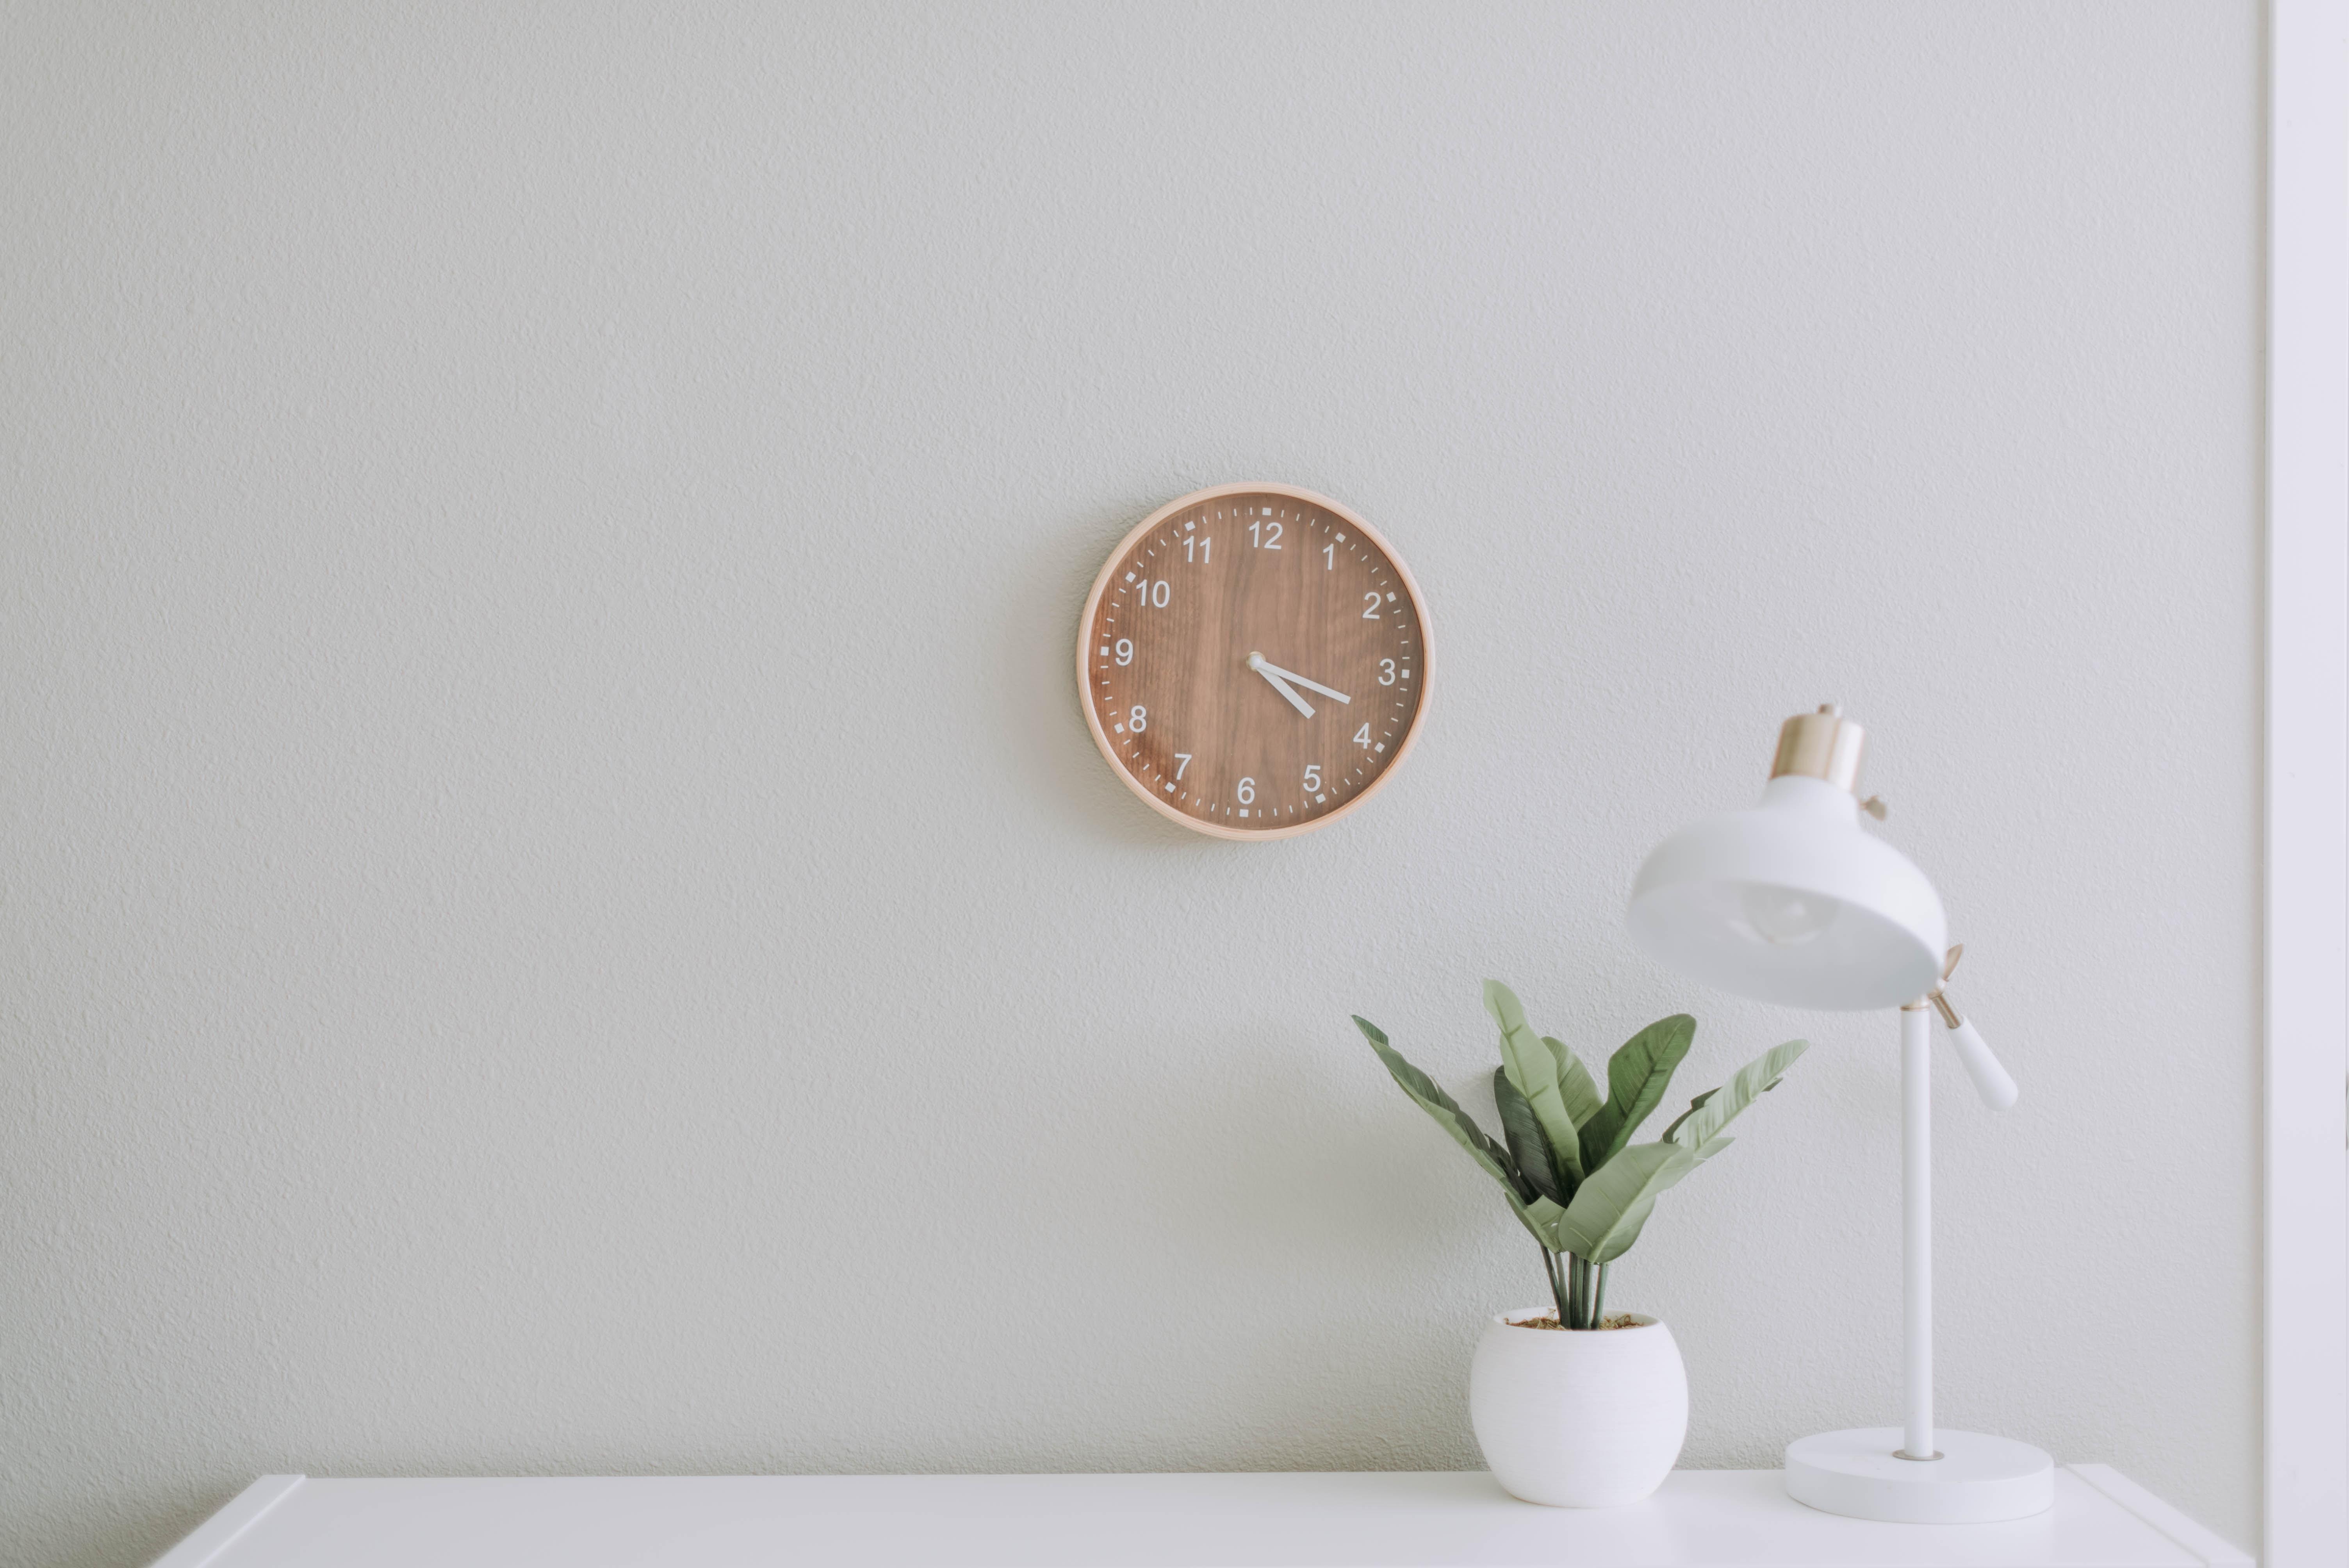 Minimalismus braucht viel Zeit für Überlegungen und Entscheidungen. -Fotocredits: Samantha Gades/Unsplash